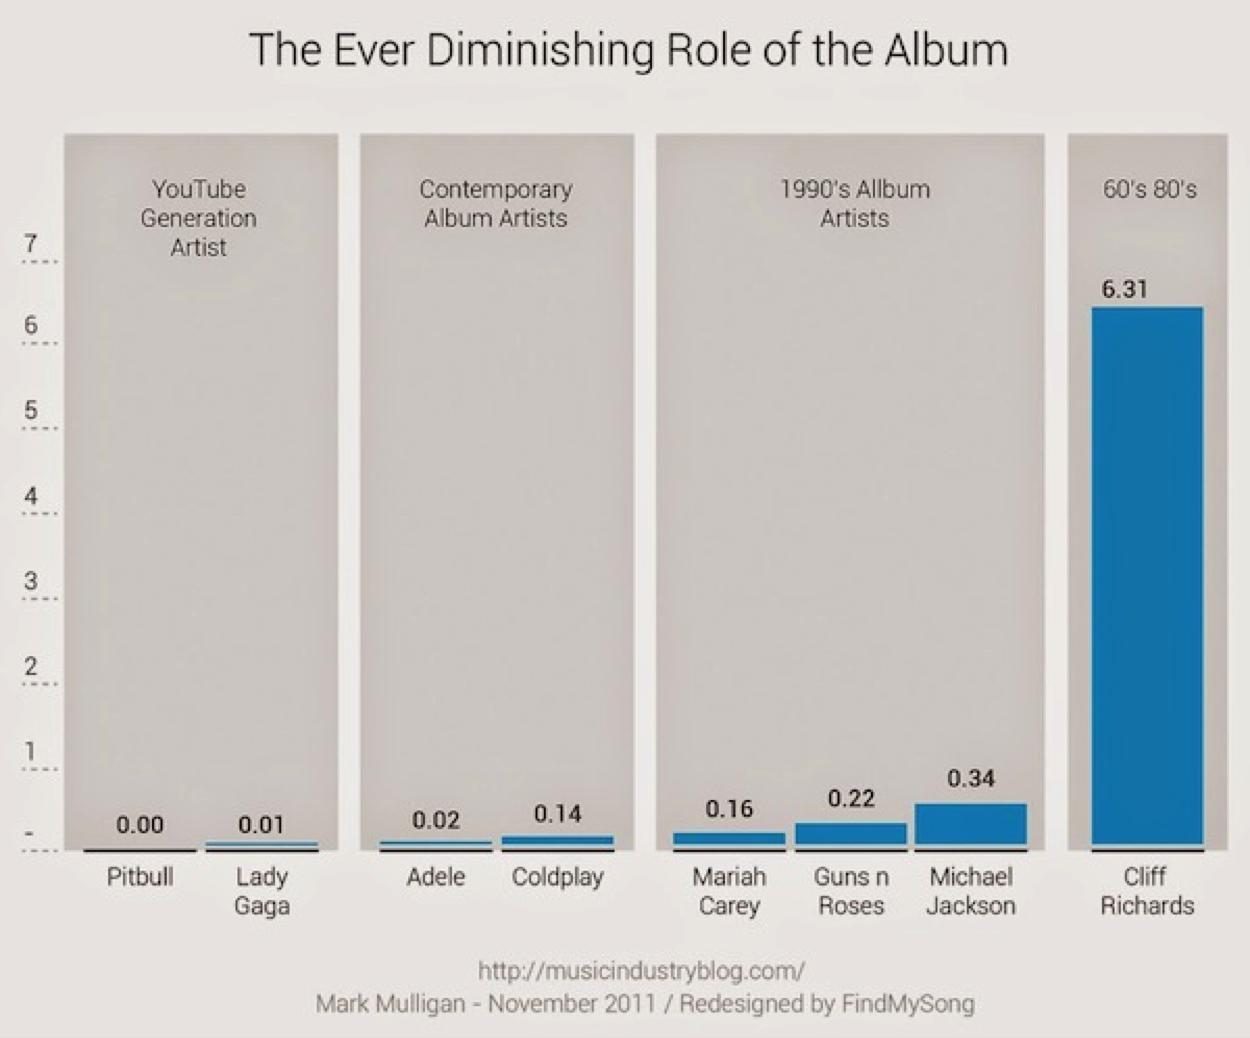 Le rôle de l'album est de moins en moins important